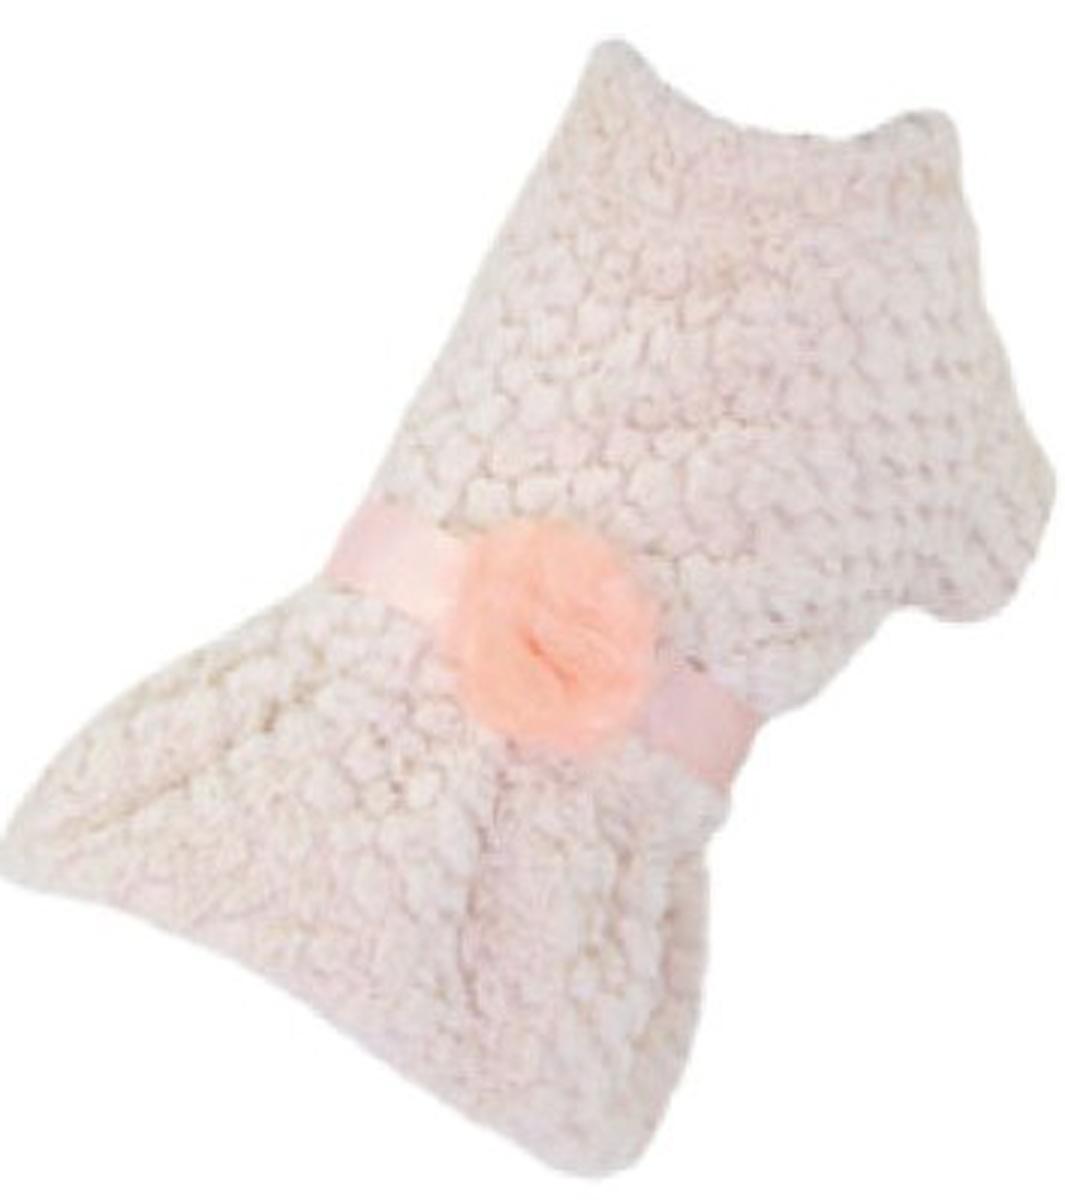 Платье для собак Dobaz, утепленное, цвет: персиковый. ДА13069БХЛ. Размер XLДА13069БХЛОчаровательное платье Dobaz выполнено из мягкого пушистого материала. На поясе модель украшена шикарным цветком. Изделие будет великолепно сидит на собачке. В таком платье ваша собачка будет самой красивой на прогулке. Обхват шеи: 34 см.Обхват груди: 54 см.Длина спинки: 36 см.Одежда для собак: нужна ли она и как её выбрать. Статья OZON Гид